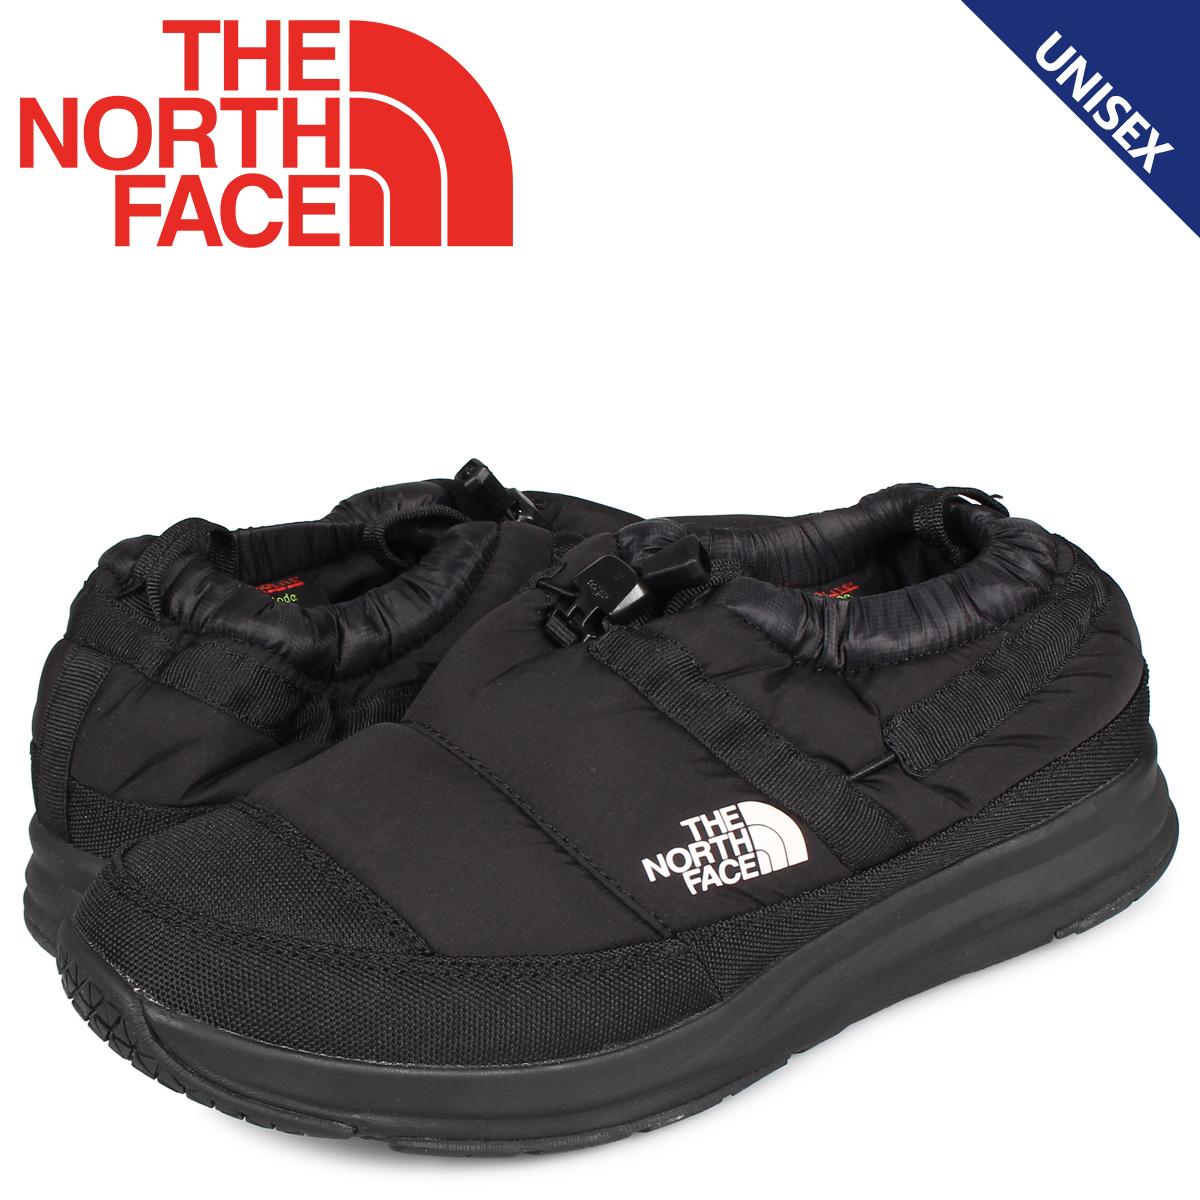 ノースフェイス THE NORTH FACE ヌプシ トラクションライト モック 4 シューズ スリッポン メンズ レディース NUPTSE TRACTION LITE MOC 4 ブラック 黒 NF51985